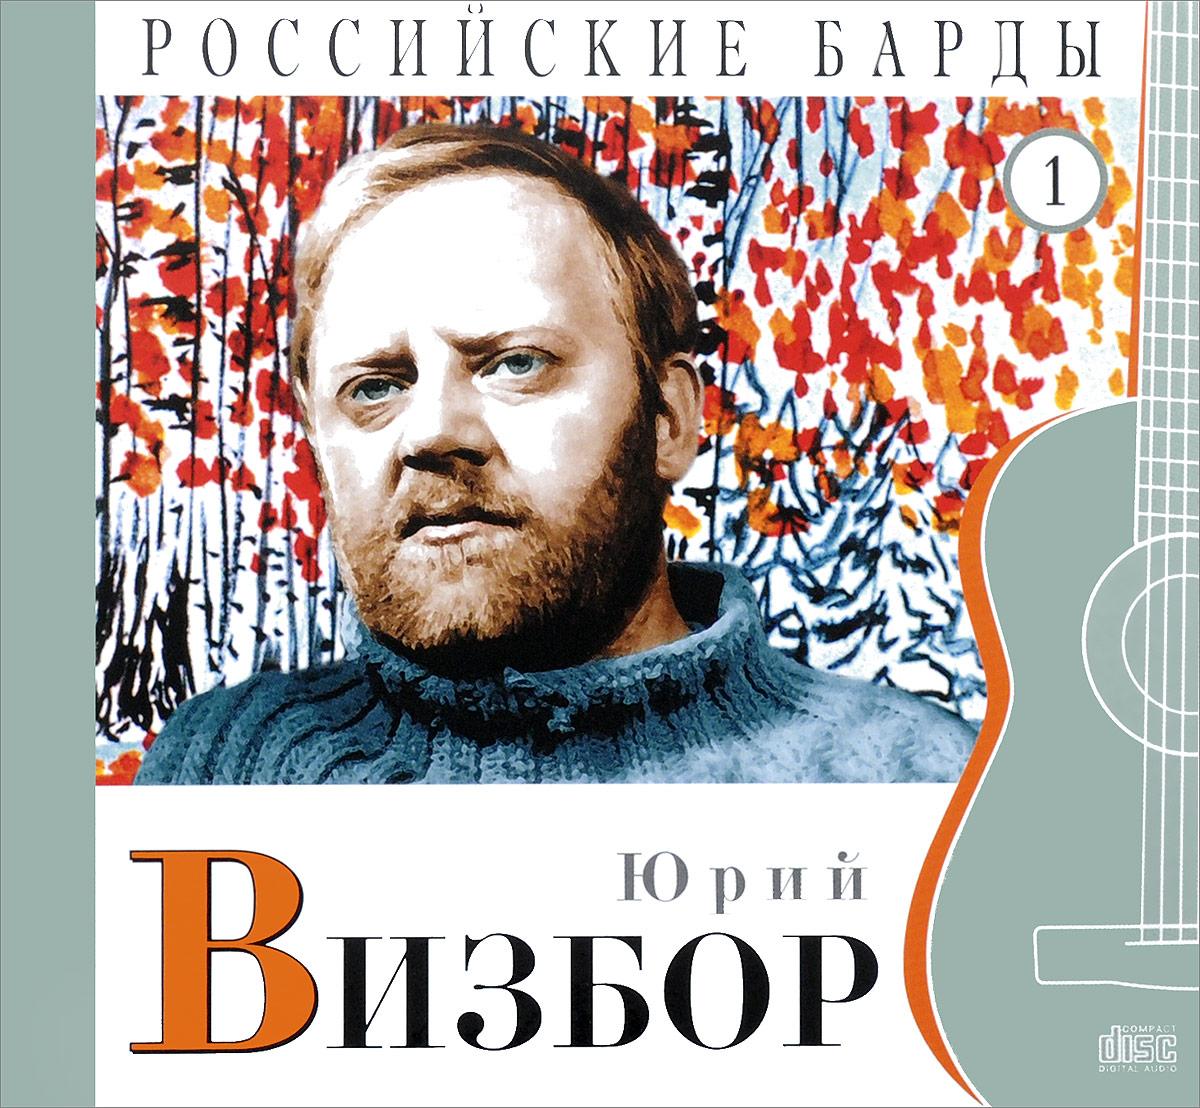 Российские барды. Том 1. Юрий Визбор (+ CD)